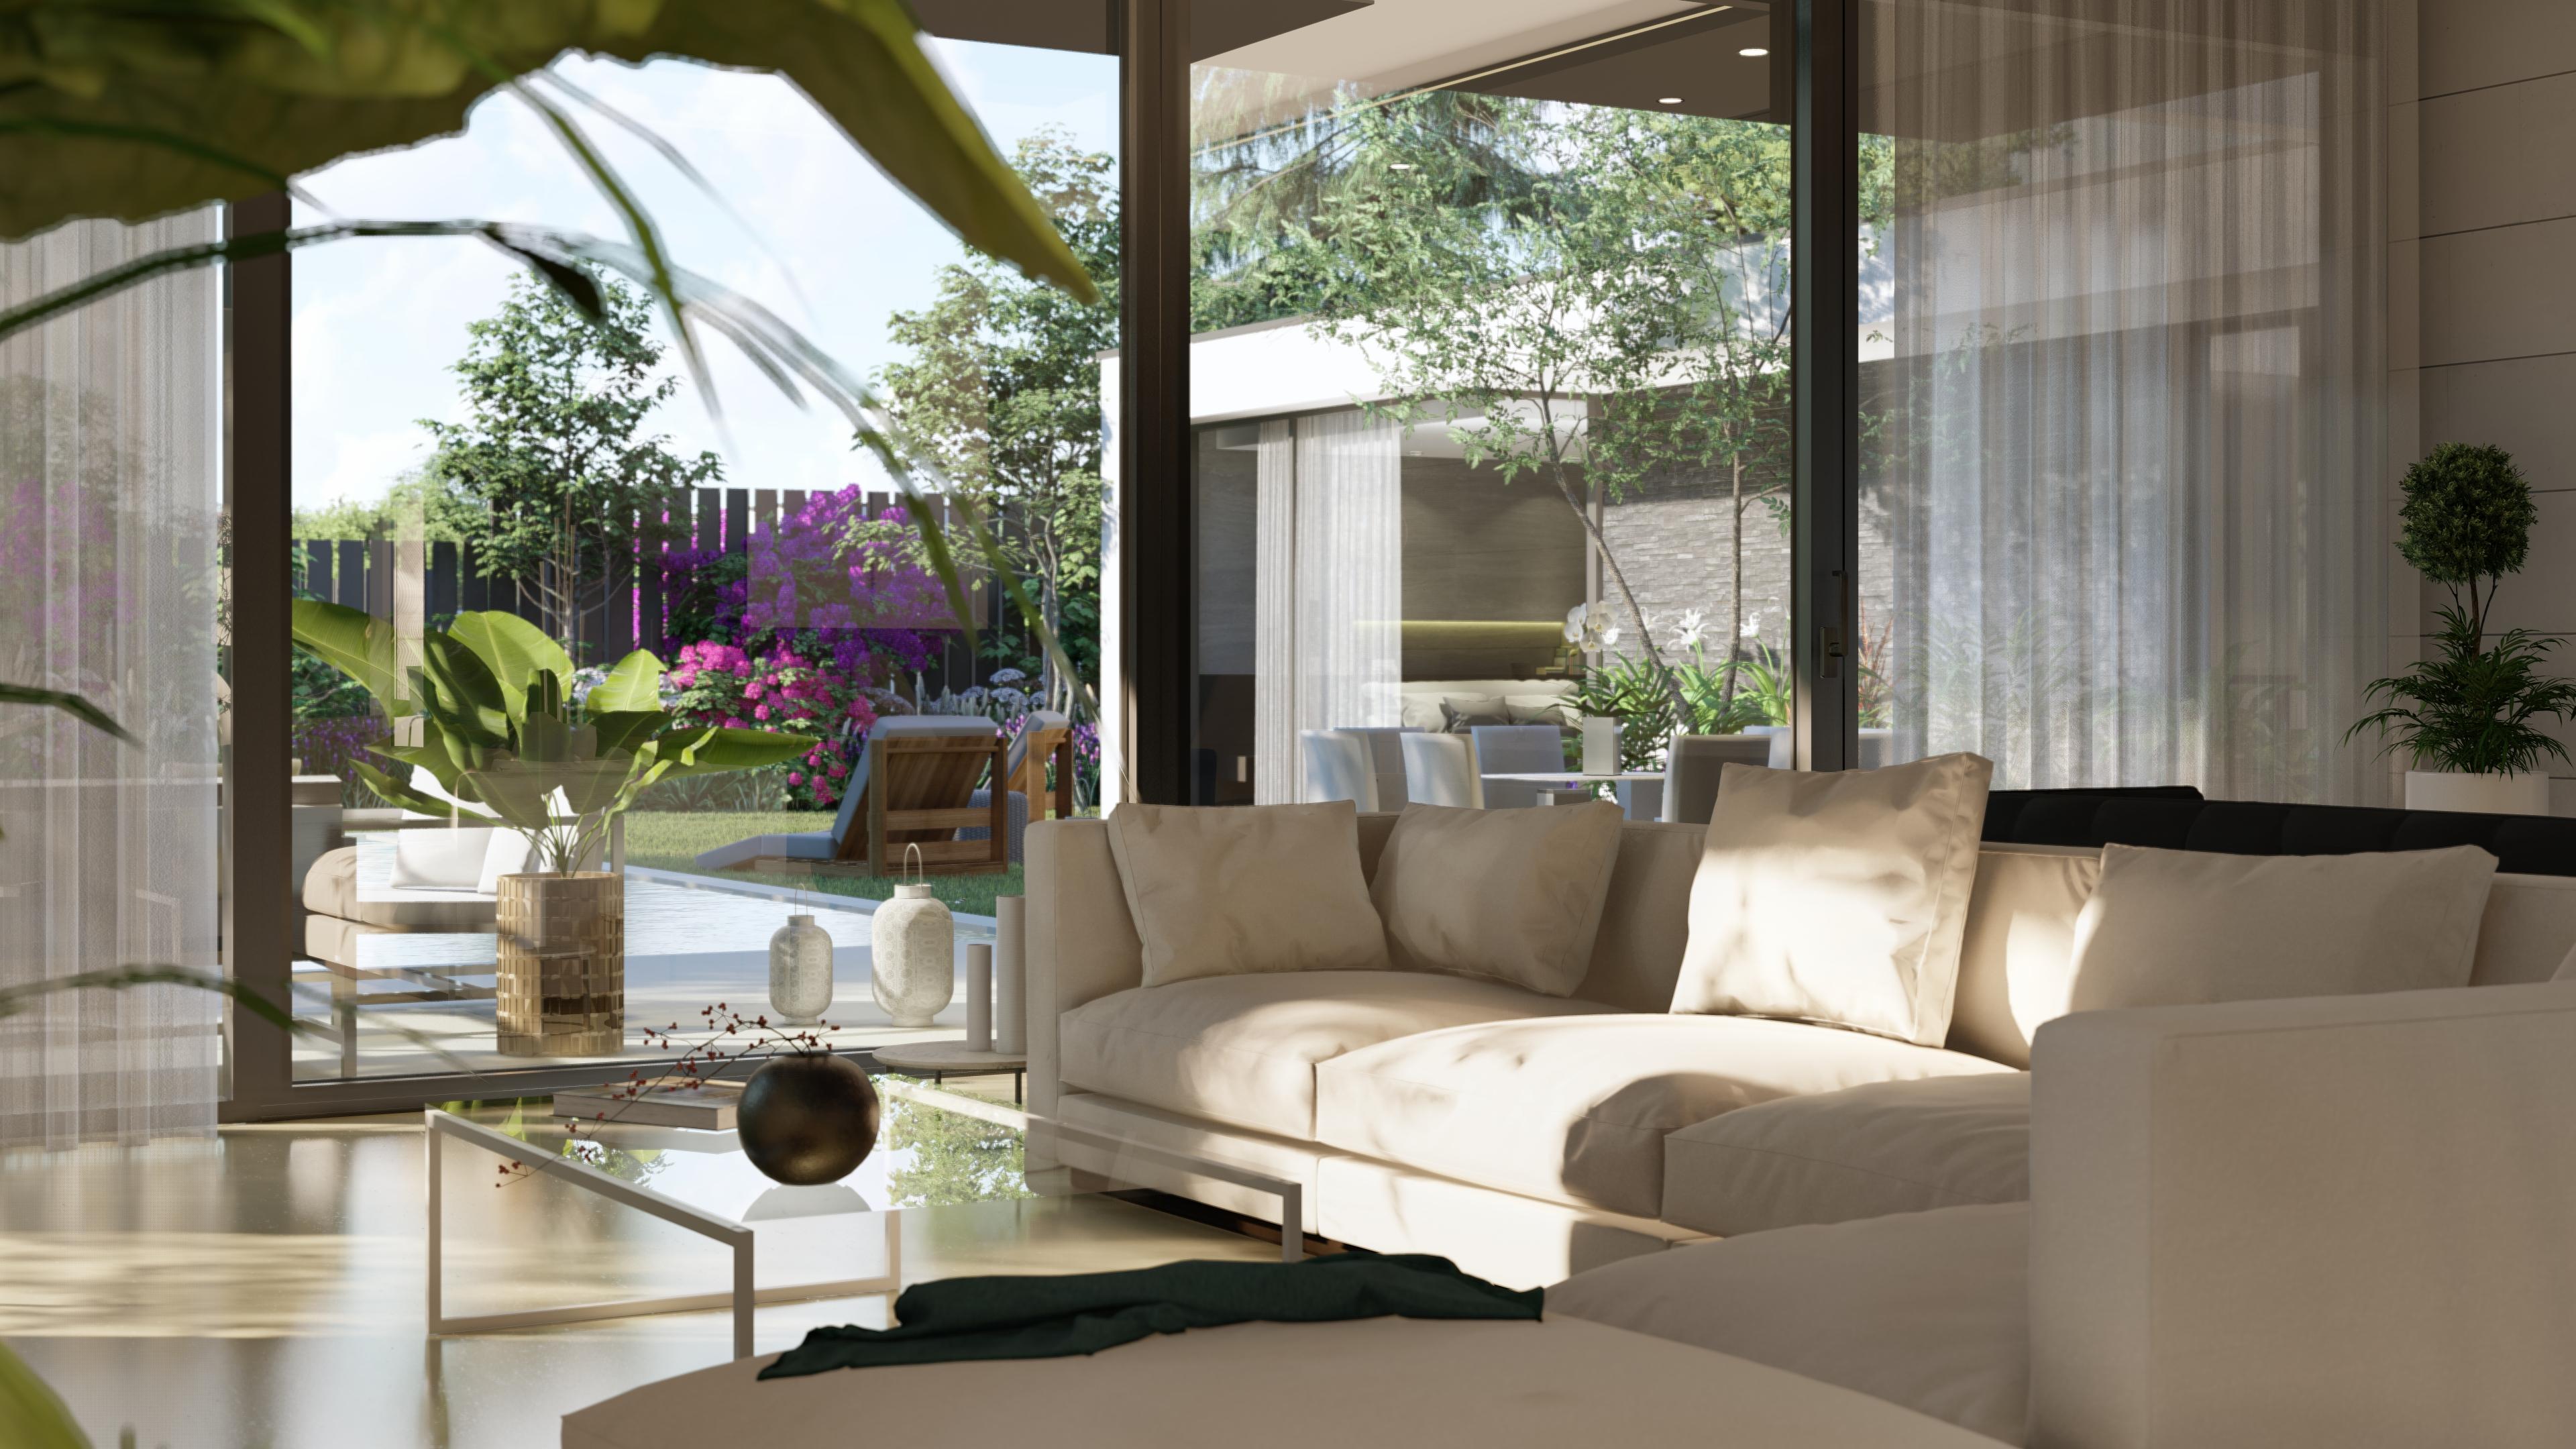 Salón con vistas al jardín y piscina. QHOMES9 es un proyecto del estudio de arquitectura FH2L Arquitectos. Conformado por 9 viviendas unifamiliares.